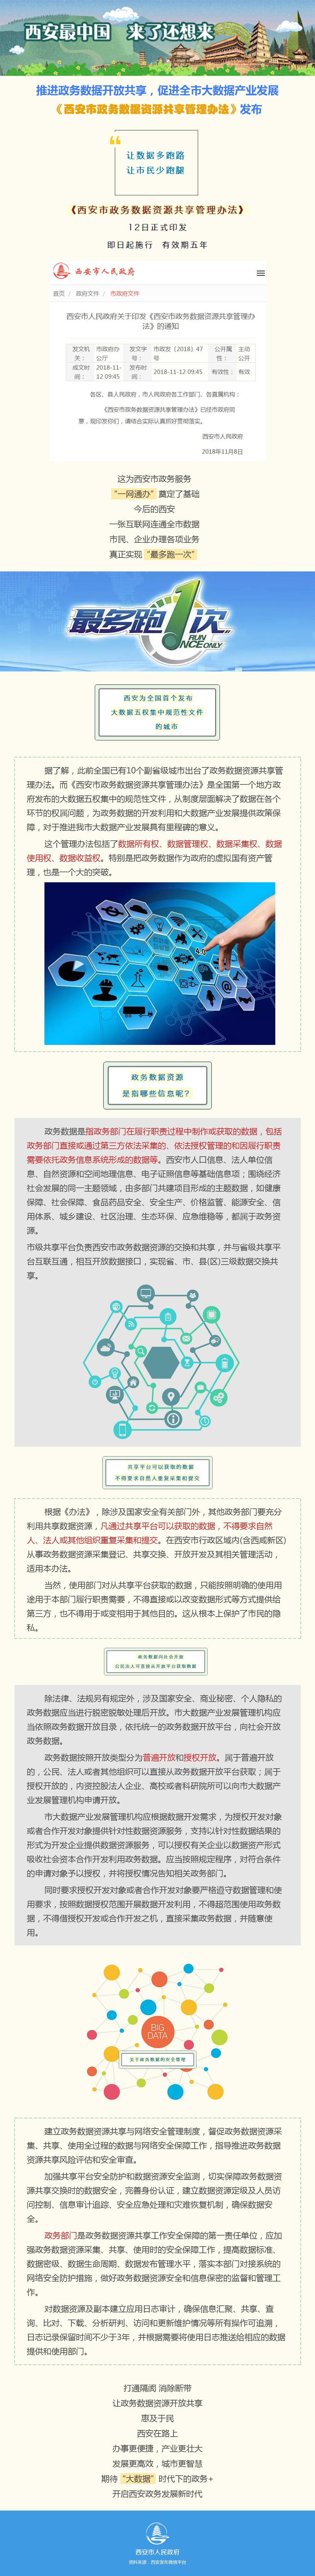 推进政务数据开放共享,促进全市大数据产业发展.jpg